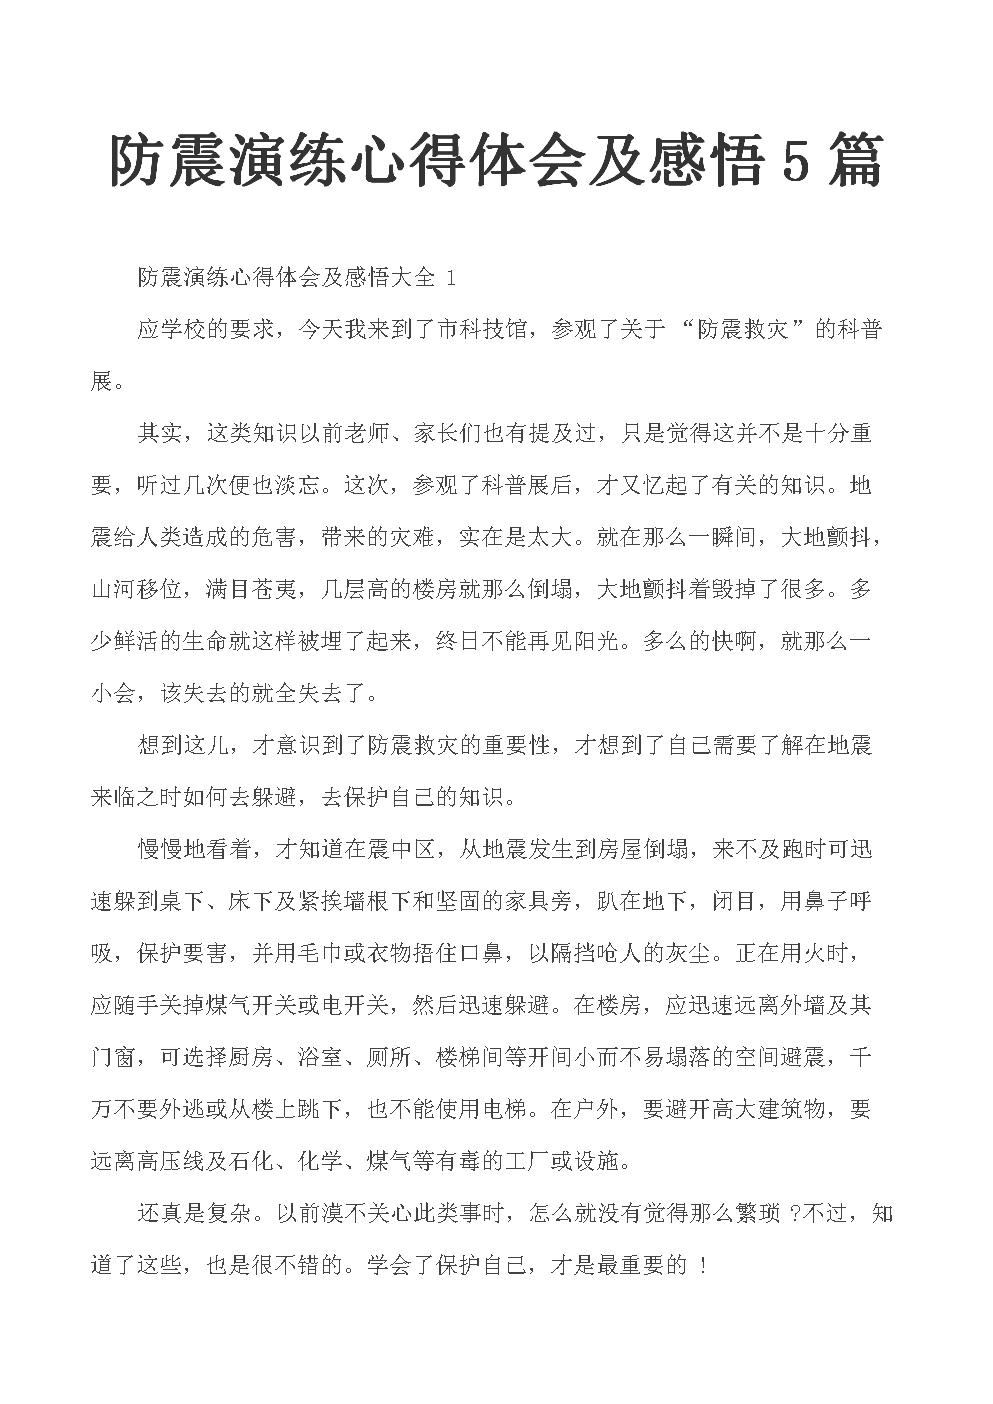 防震演练心得体会及感悟5篇.docx